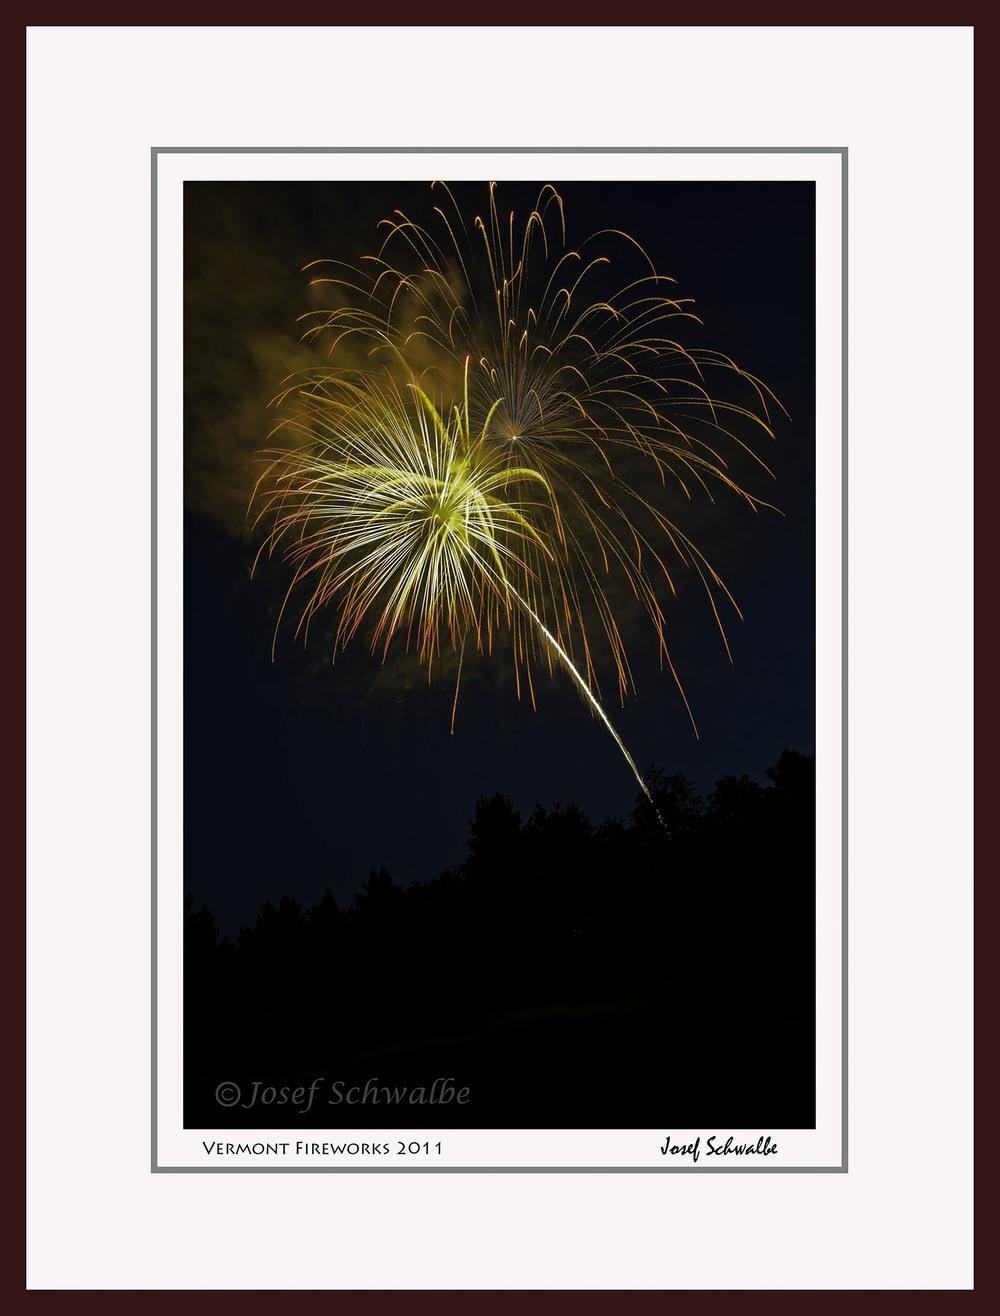 Vermont Fireworks 2011